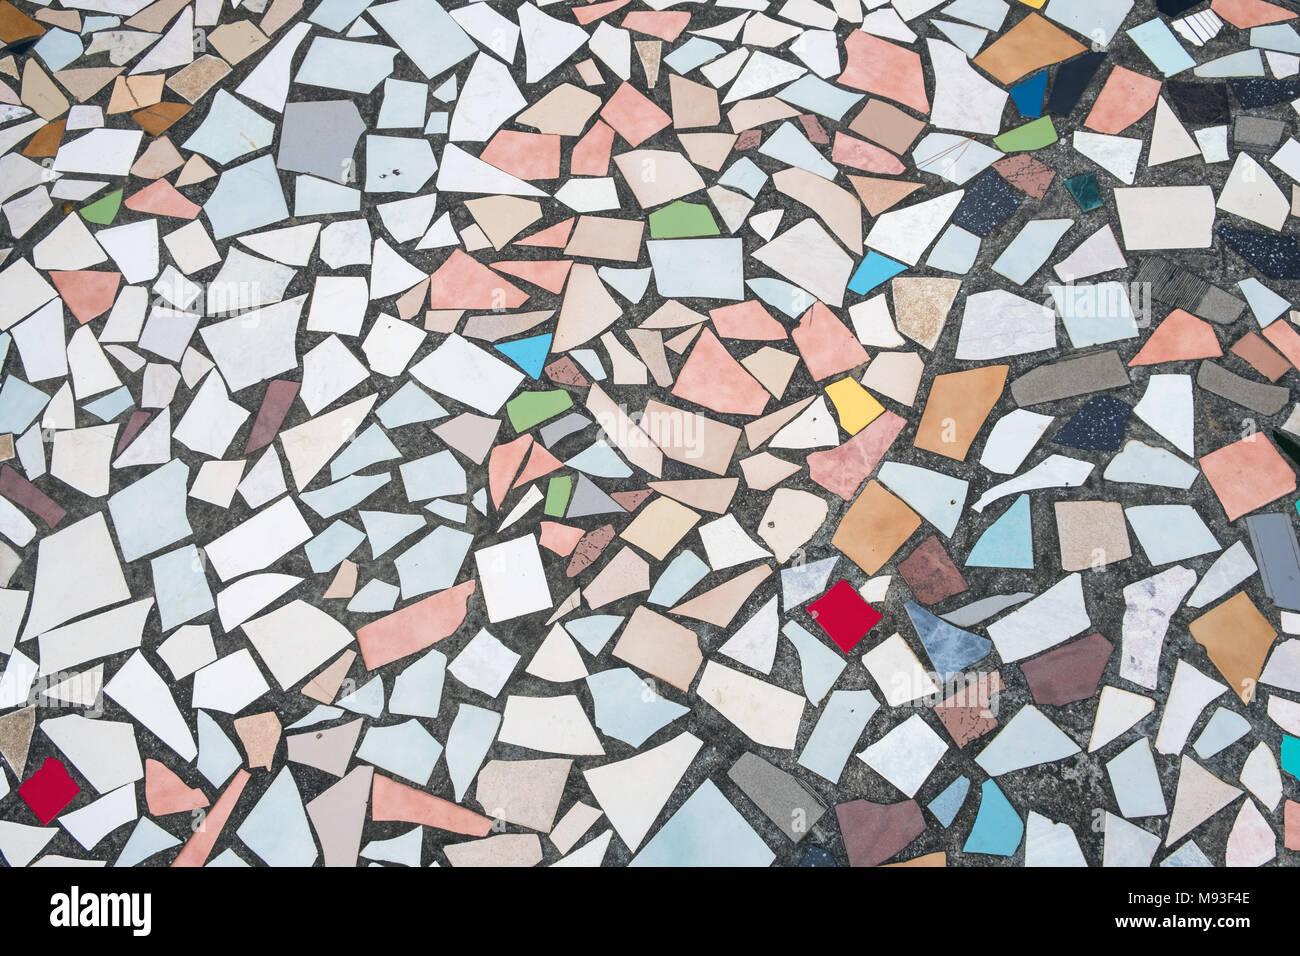 Mehrfarbige Fliese Muster Abstrakte Farbenfrohe Fliesen